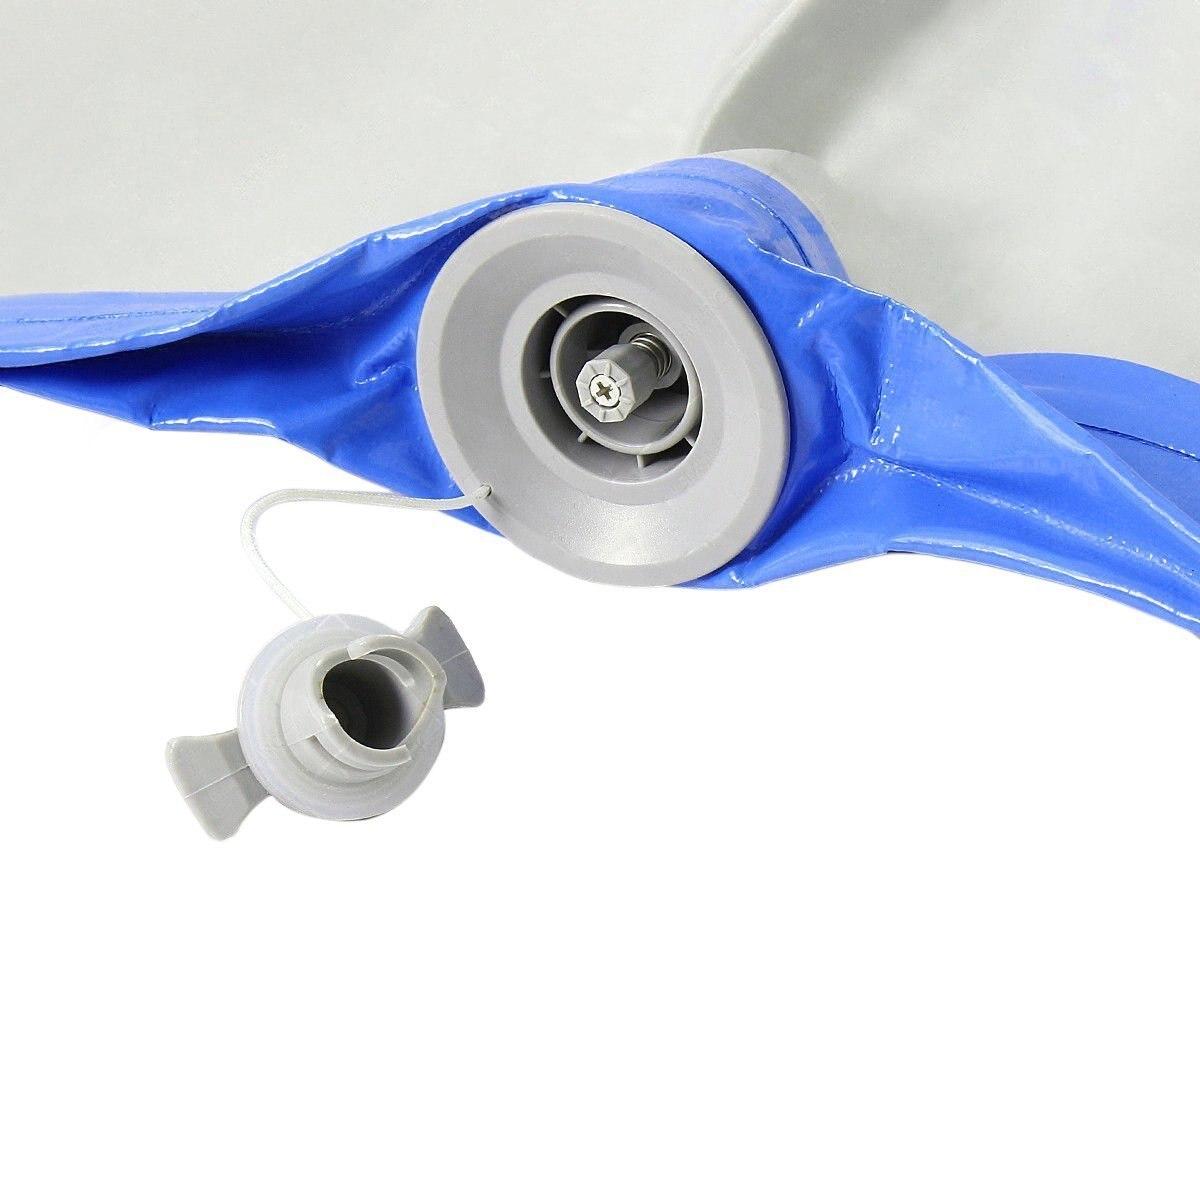 Pompe à Air électrique de Trampoline du plancher 5 m de voie d'air de culbuteur d'air gonflable de gymnastique pour l'usage à la maison/formation/Cheerleading/plage - 4